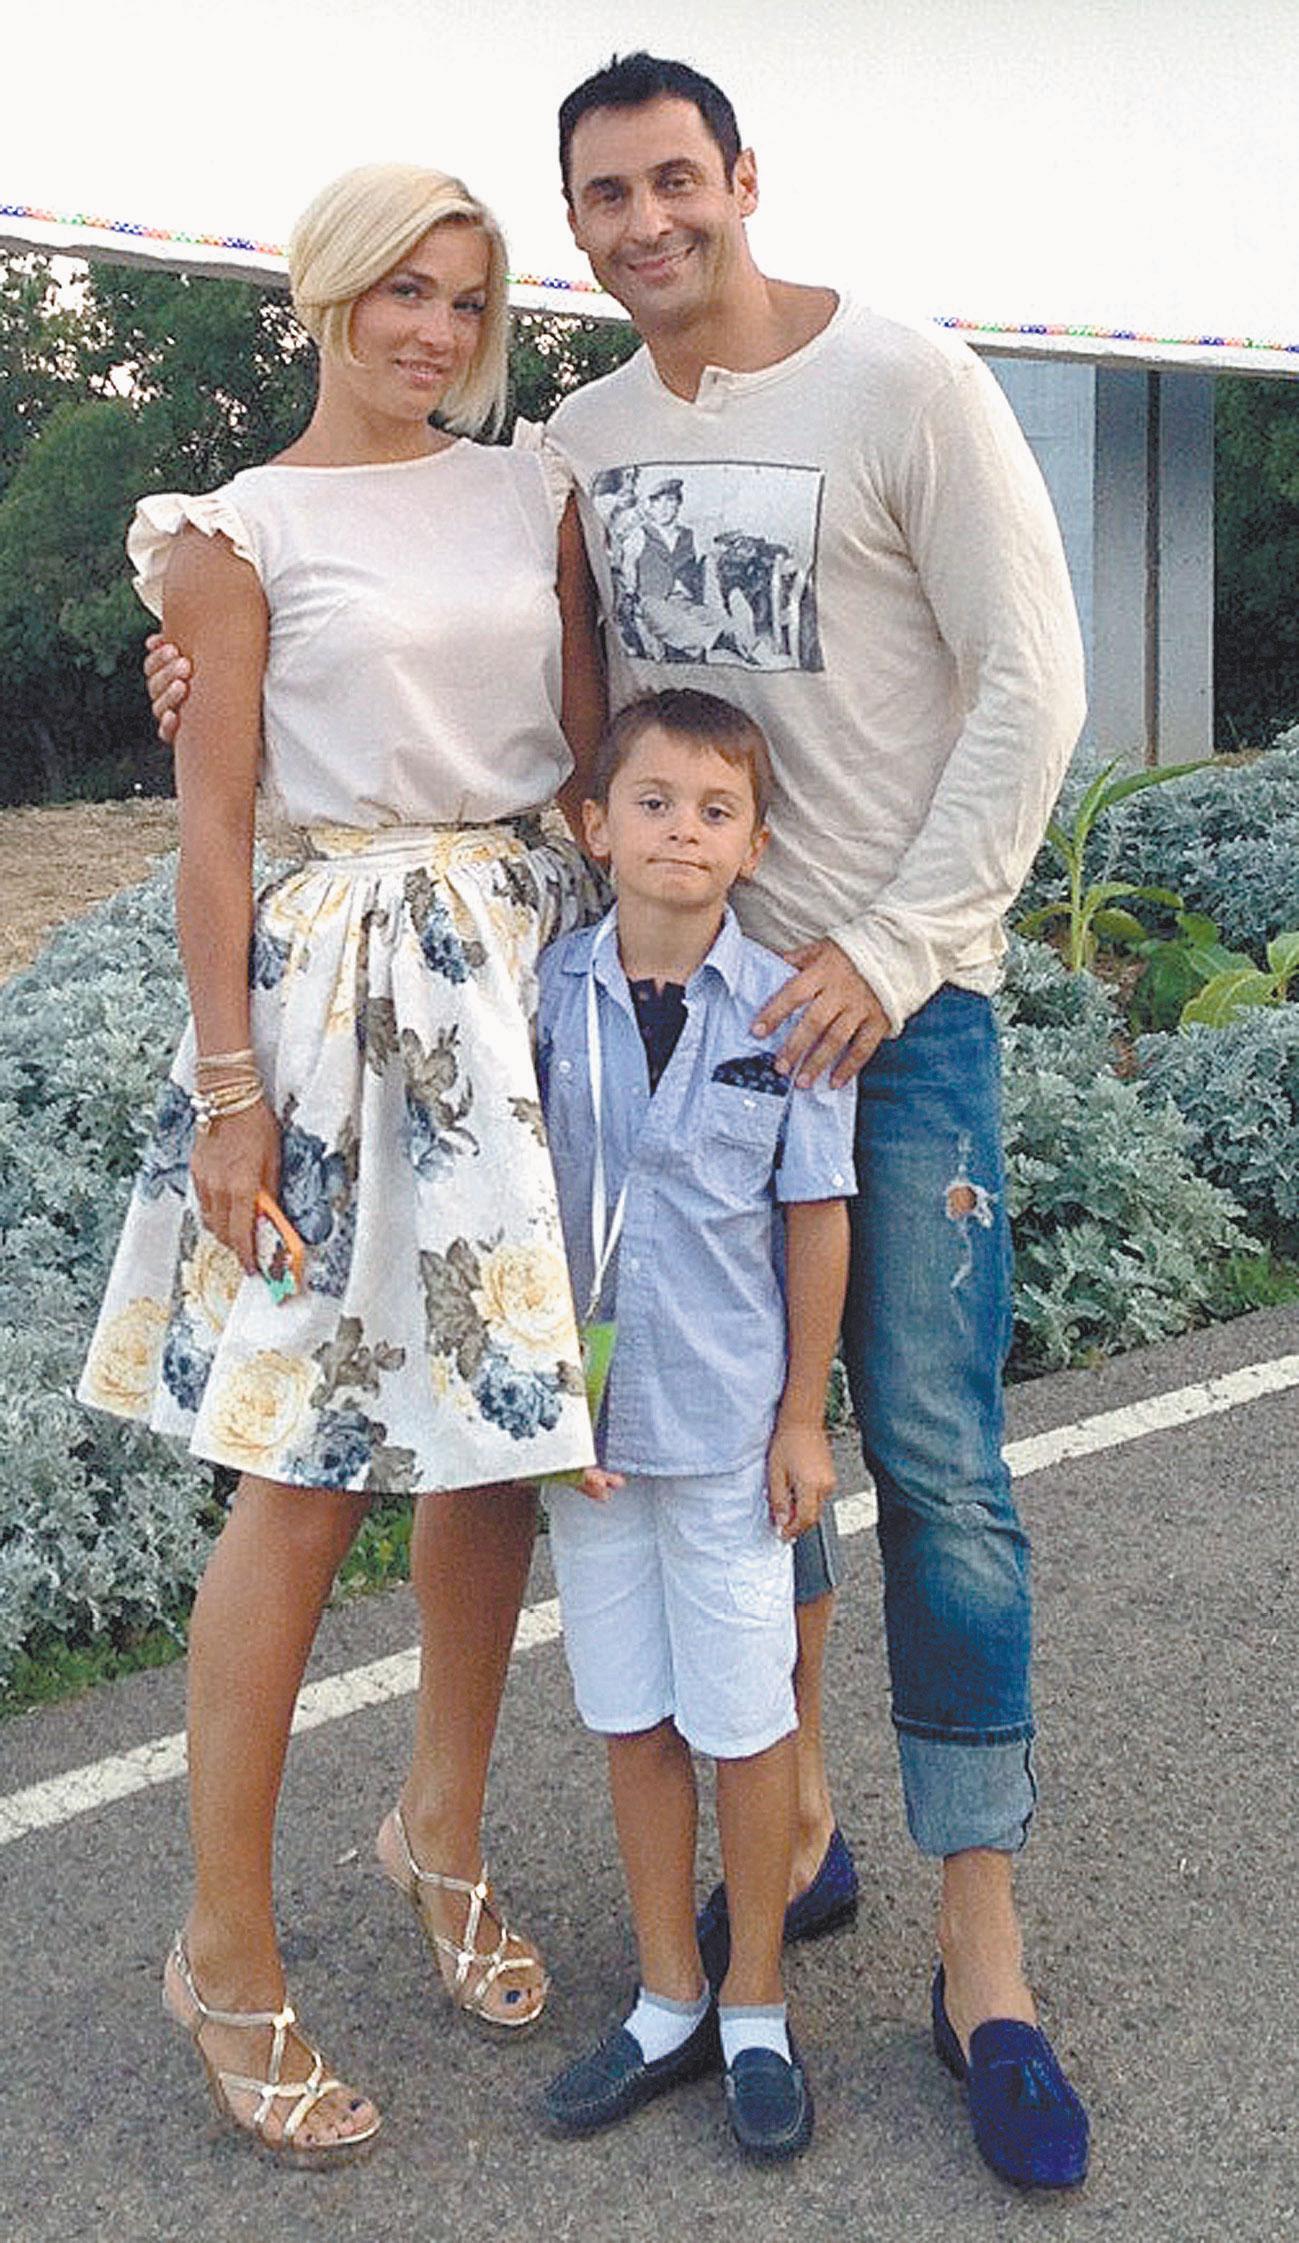 С женой Юлей и сыном Богданом. По признанию певца, если Бог пошлёт ещё ребёночка, он будет самым счастливым на Земле